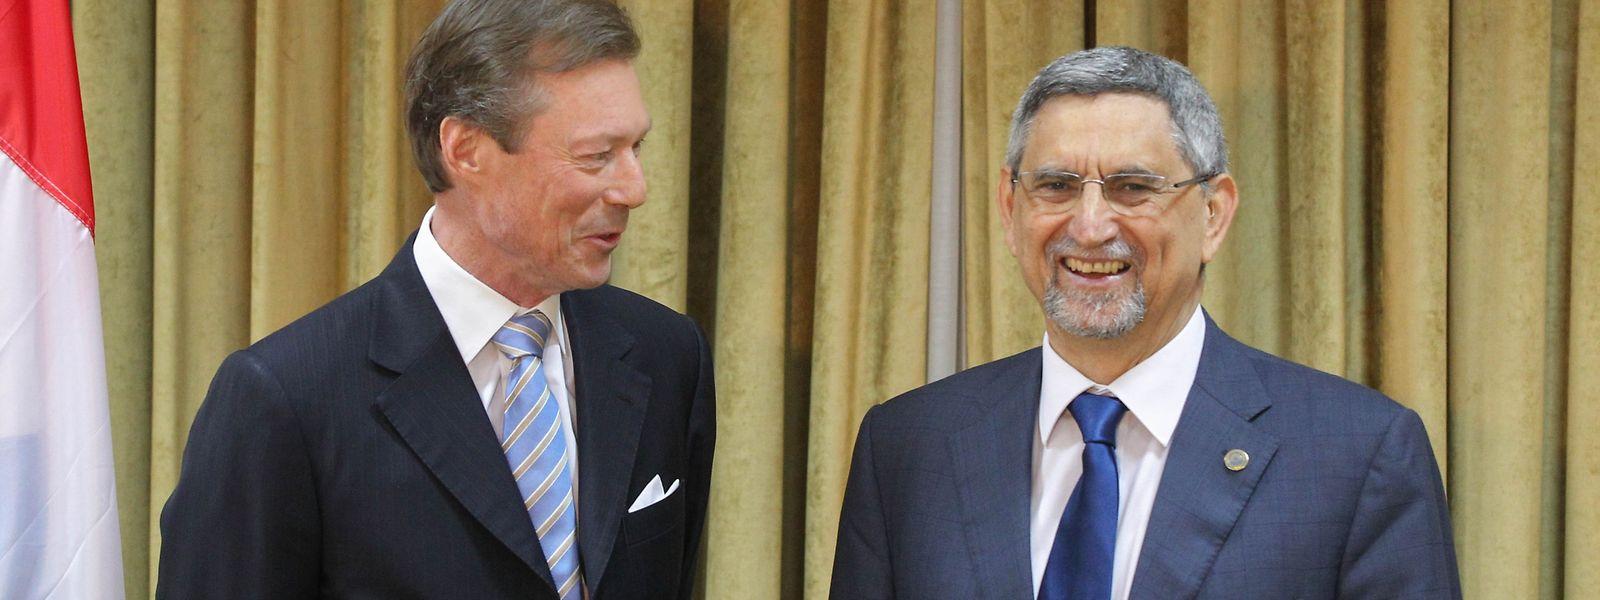 Jorge Carlos Fonseca recebeu o Grão-Duque Henri em 2015, em Cabo Verde. Em maio de 2019, será a vez de o soberano receber o Presidente cabo-verdiano.